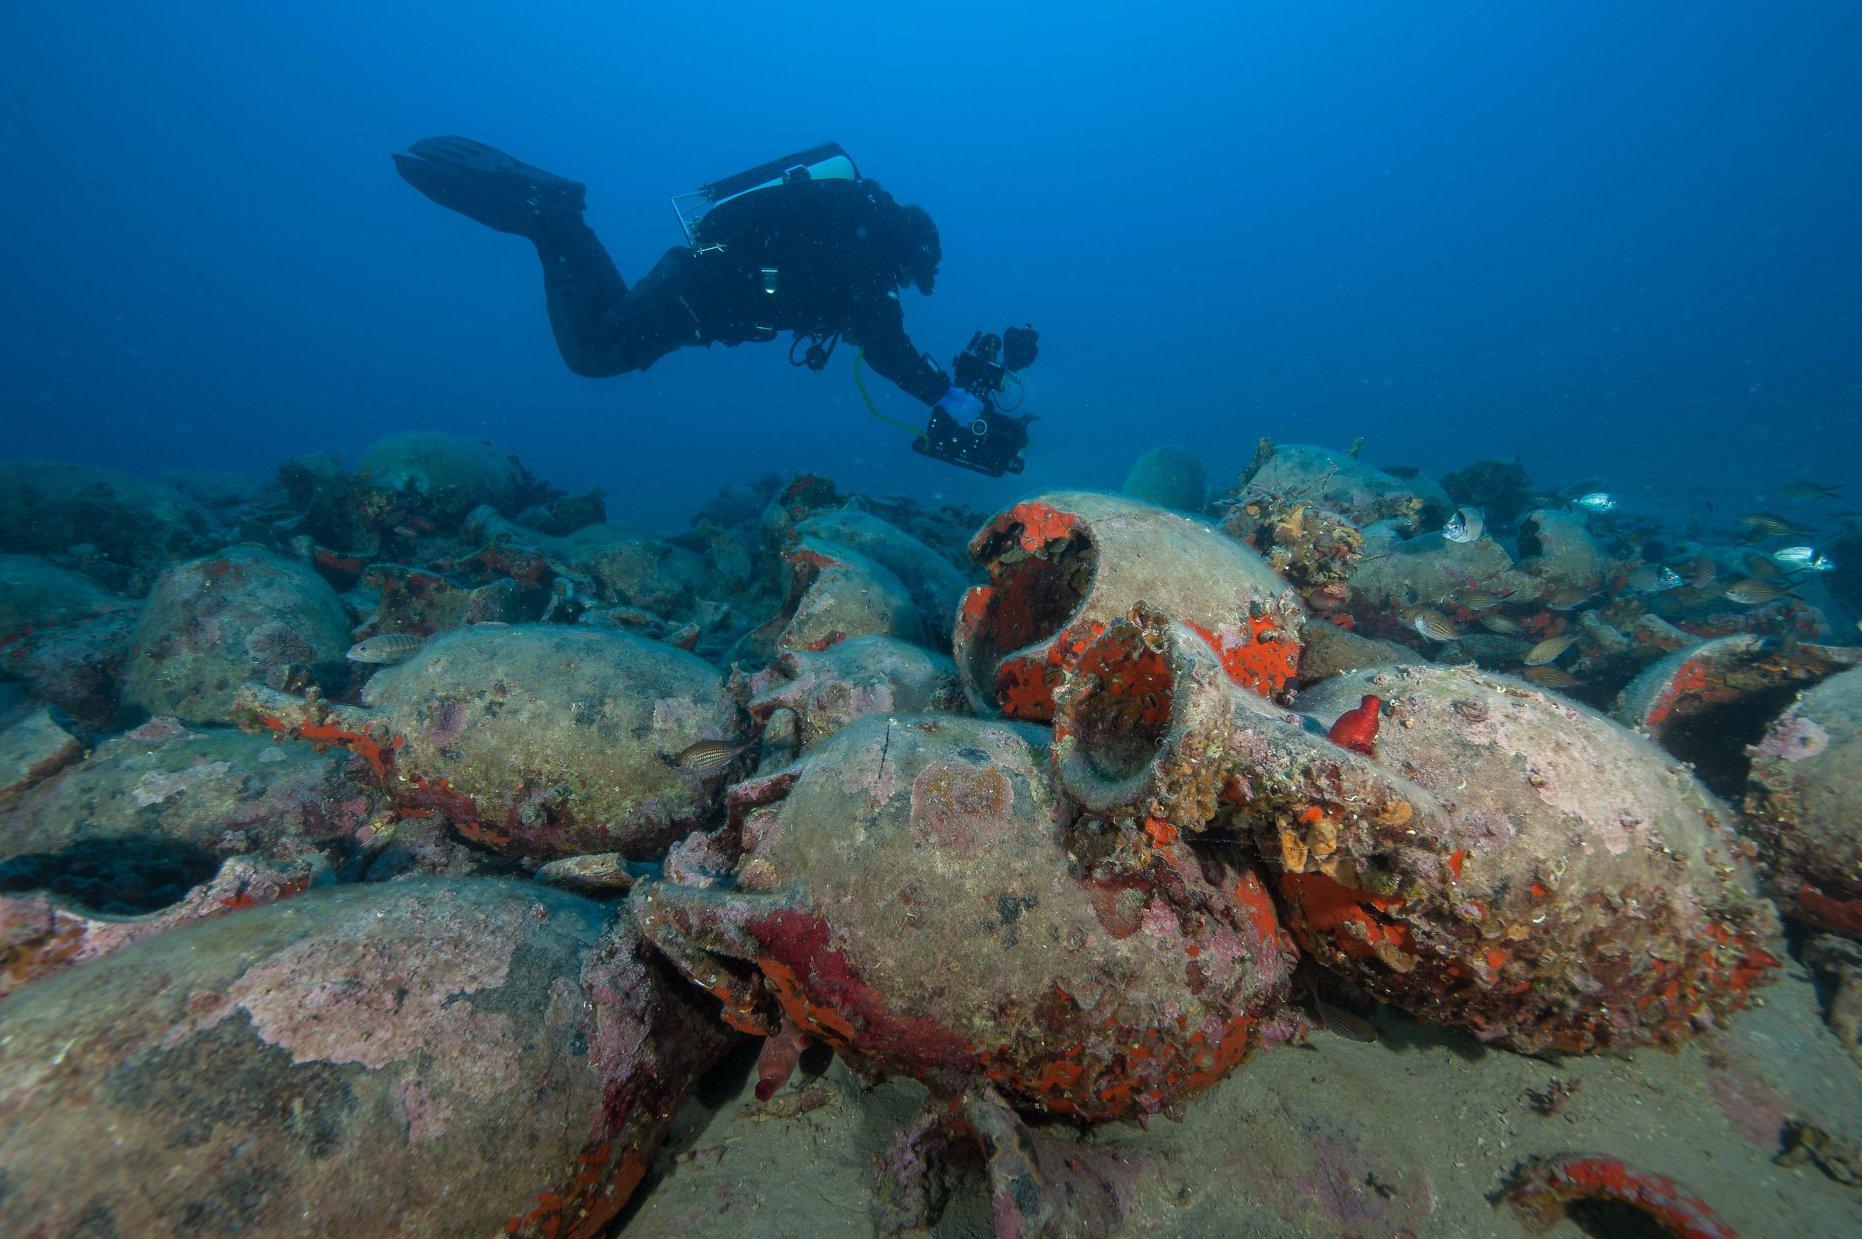 Wielkie odkrycie archeologiczne w pobliżu Hvaru! Zobacz pierwsze zdjęcia -